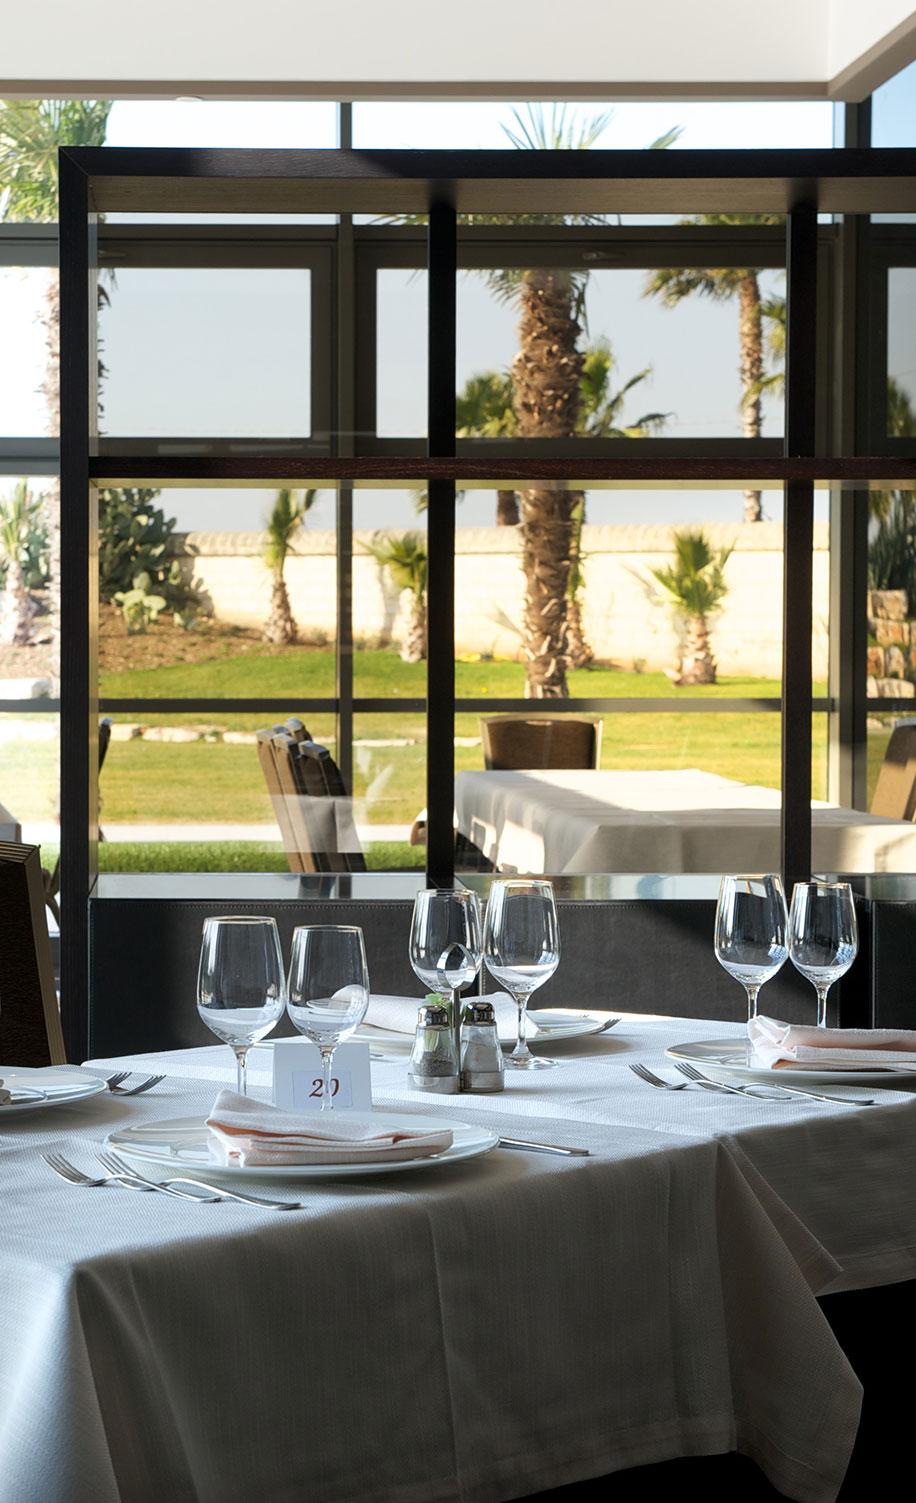 Parco dei principi restaurant ciani arredamenti for Ciani arredamenti